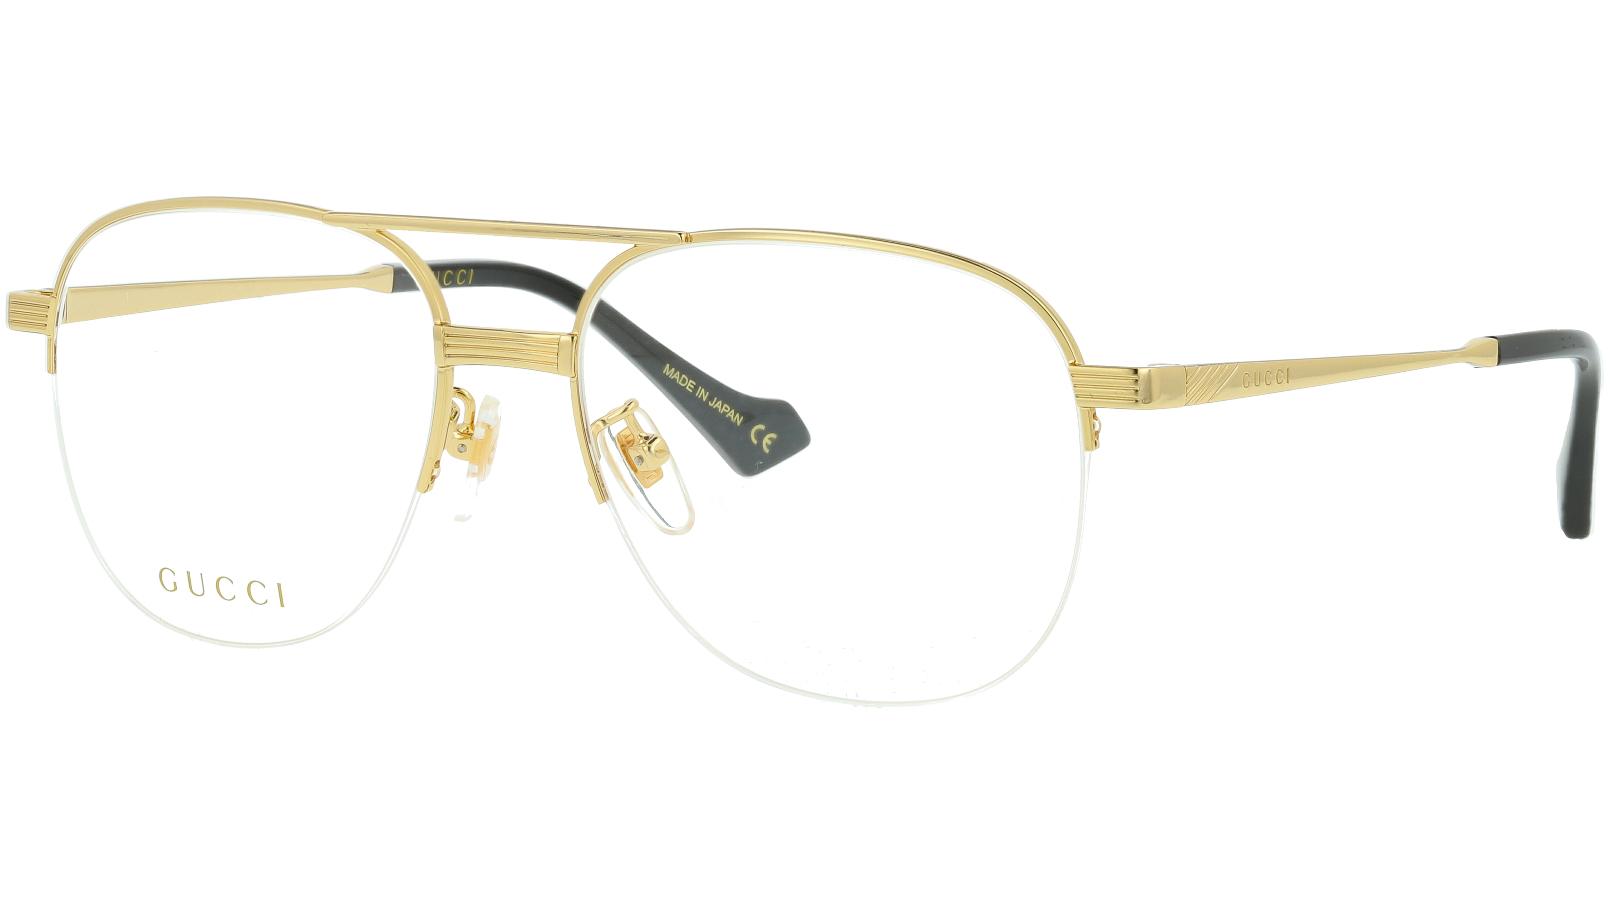 Gucci GG0745O 001 54 GOLD Glasses